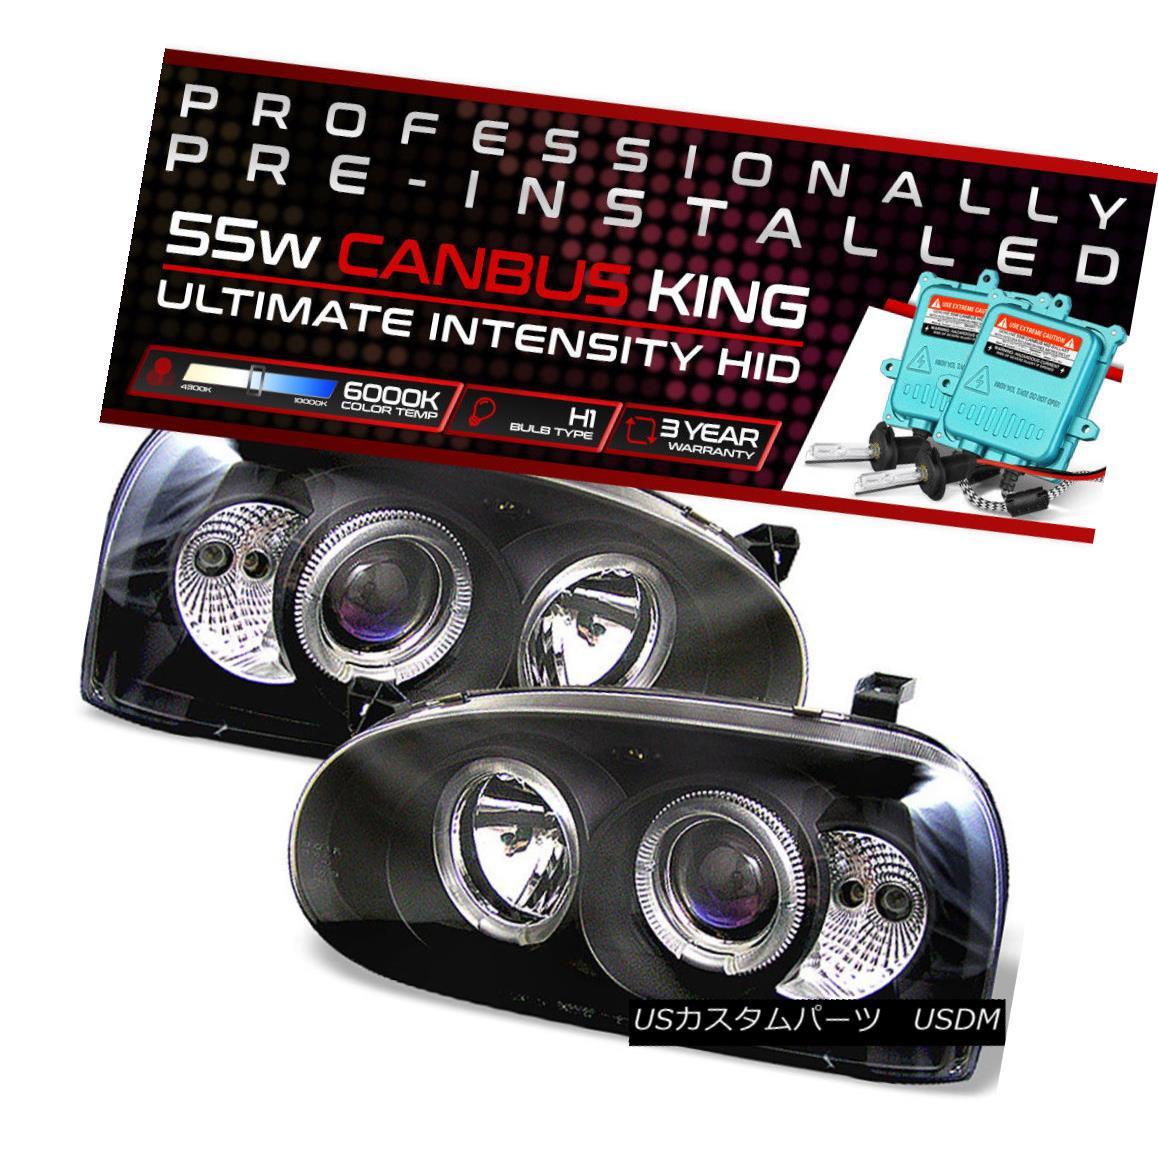 ヘッドライト !55W HID Built-In! 93-98 Volkswagen Golf MK3 Black Dual Halo Projector Headlight !55W HID内蔵! 93-98フォルクスワーゲンゴルフMK3ブラックデュアルヘイロープロジェクターヘッドライト